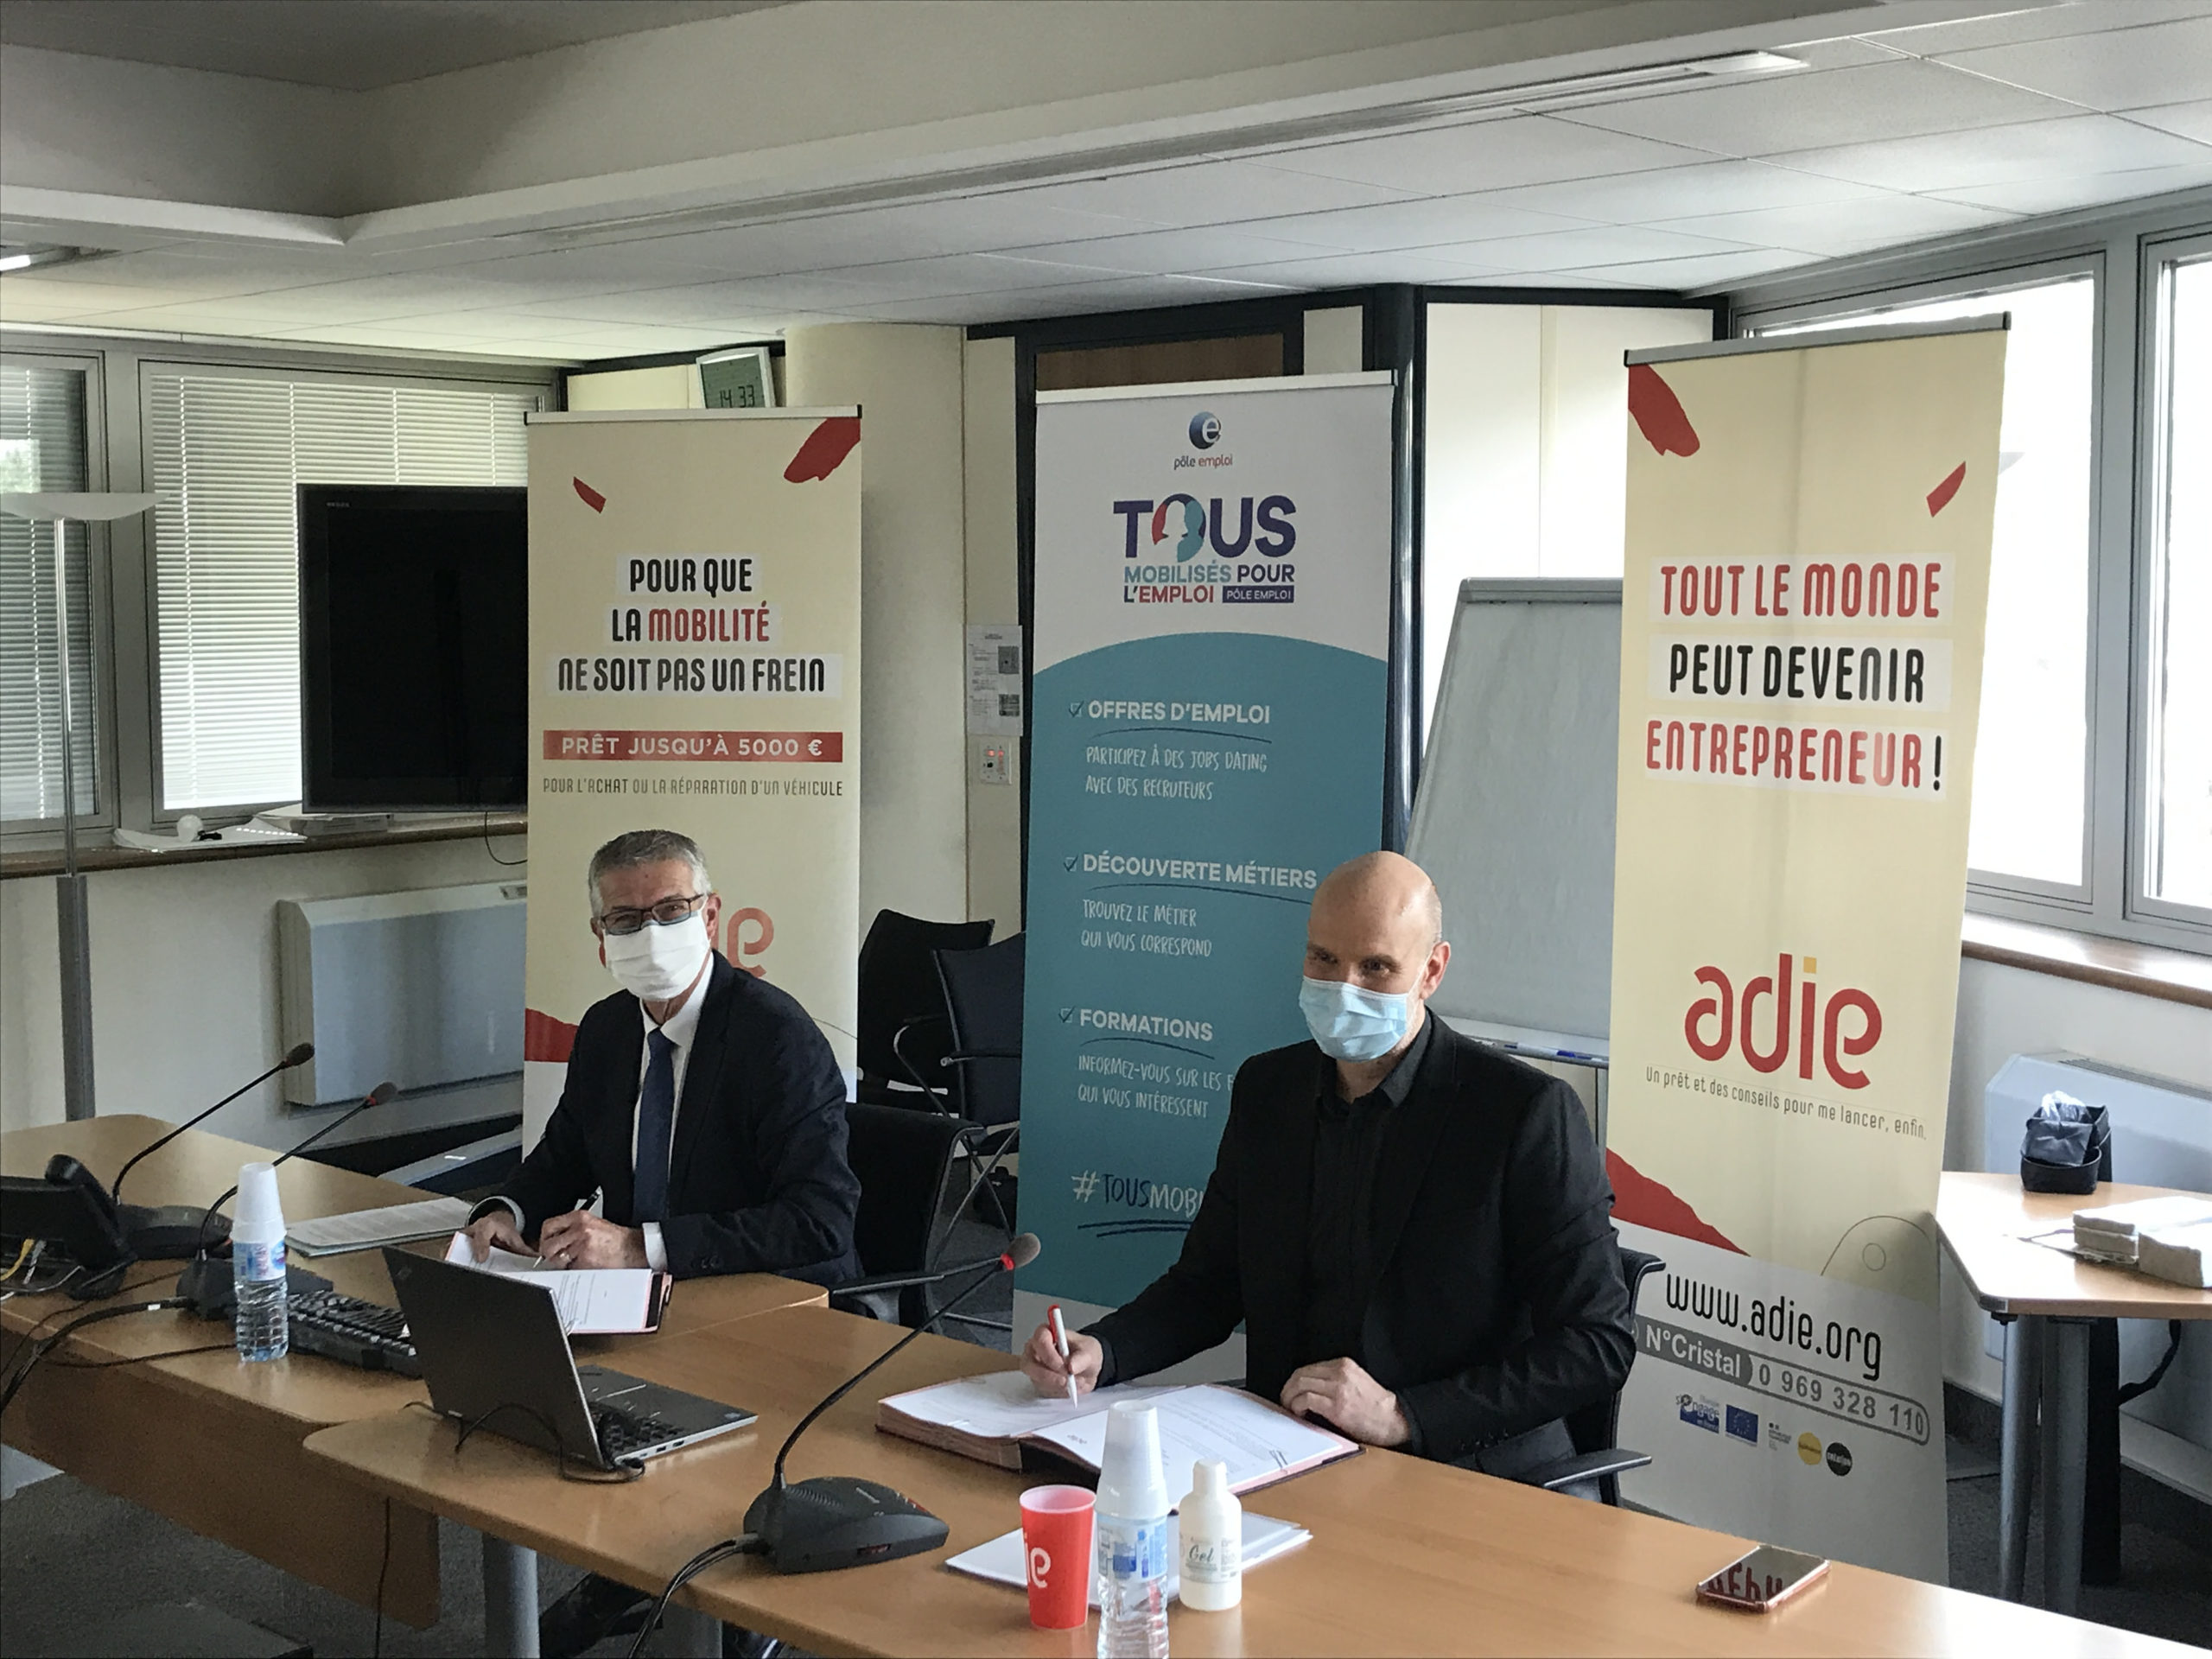 L'Adie et Pôle emploi veulent aider la création d'entreprise en Occitanie